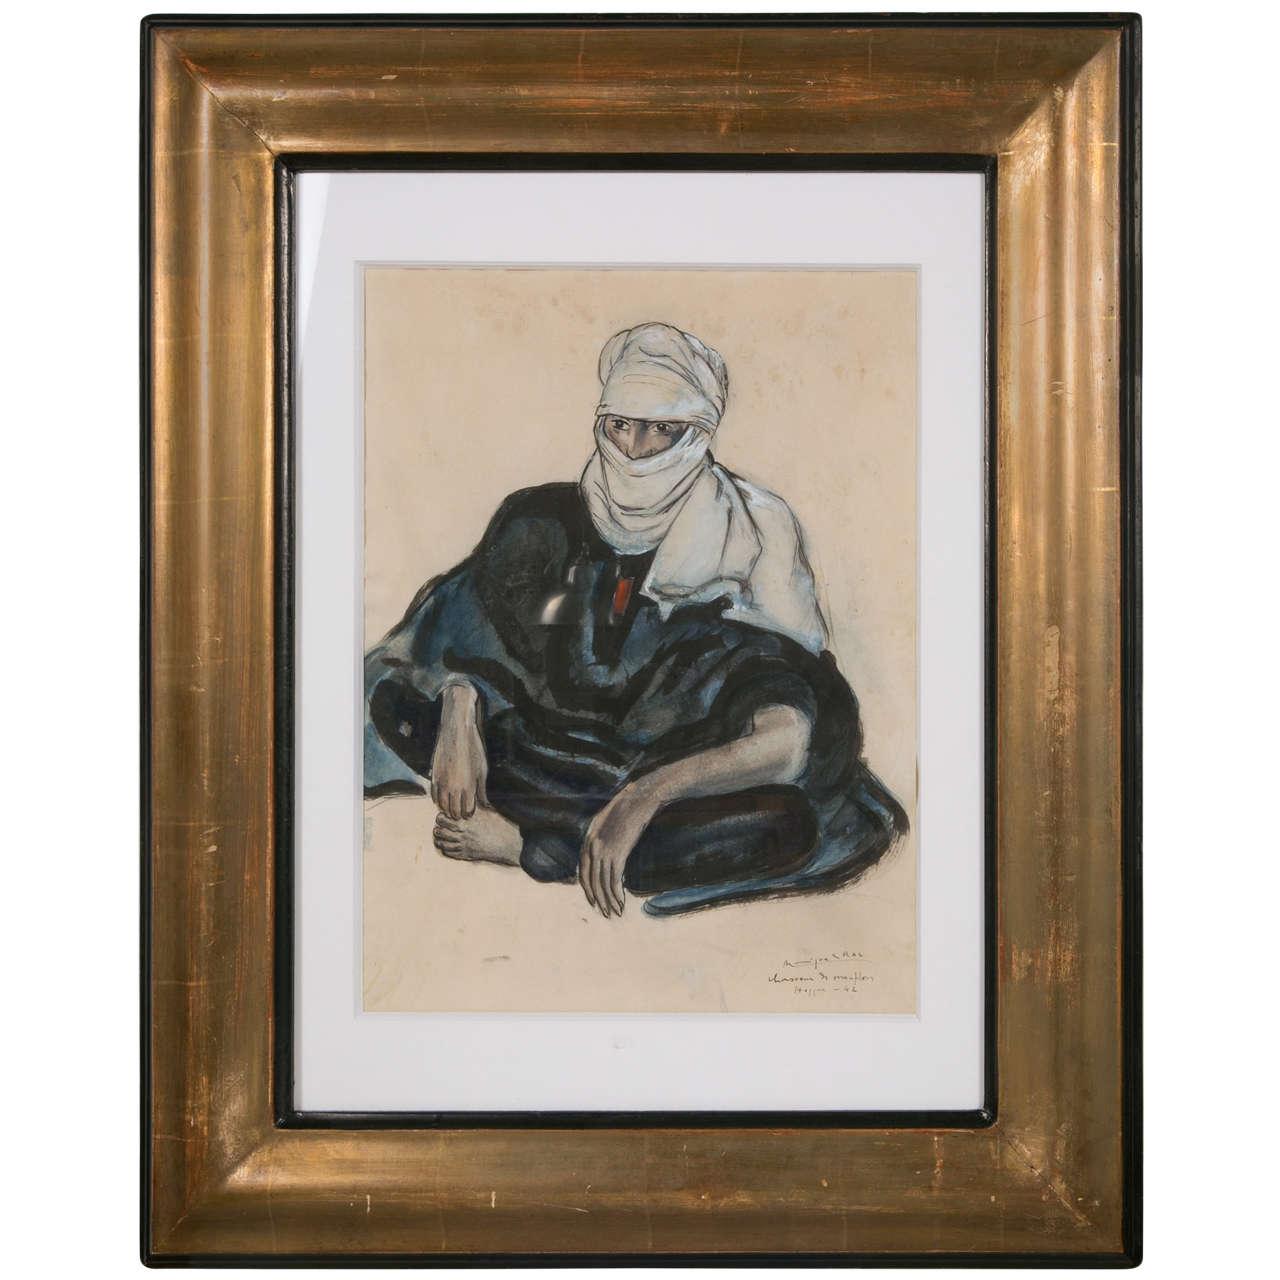 'Touareg in Hoggar' Gouache by Monique Cras, Art Deco, 1942 For Sale